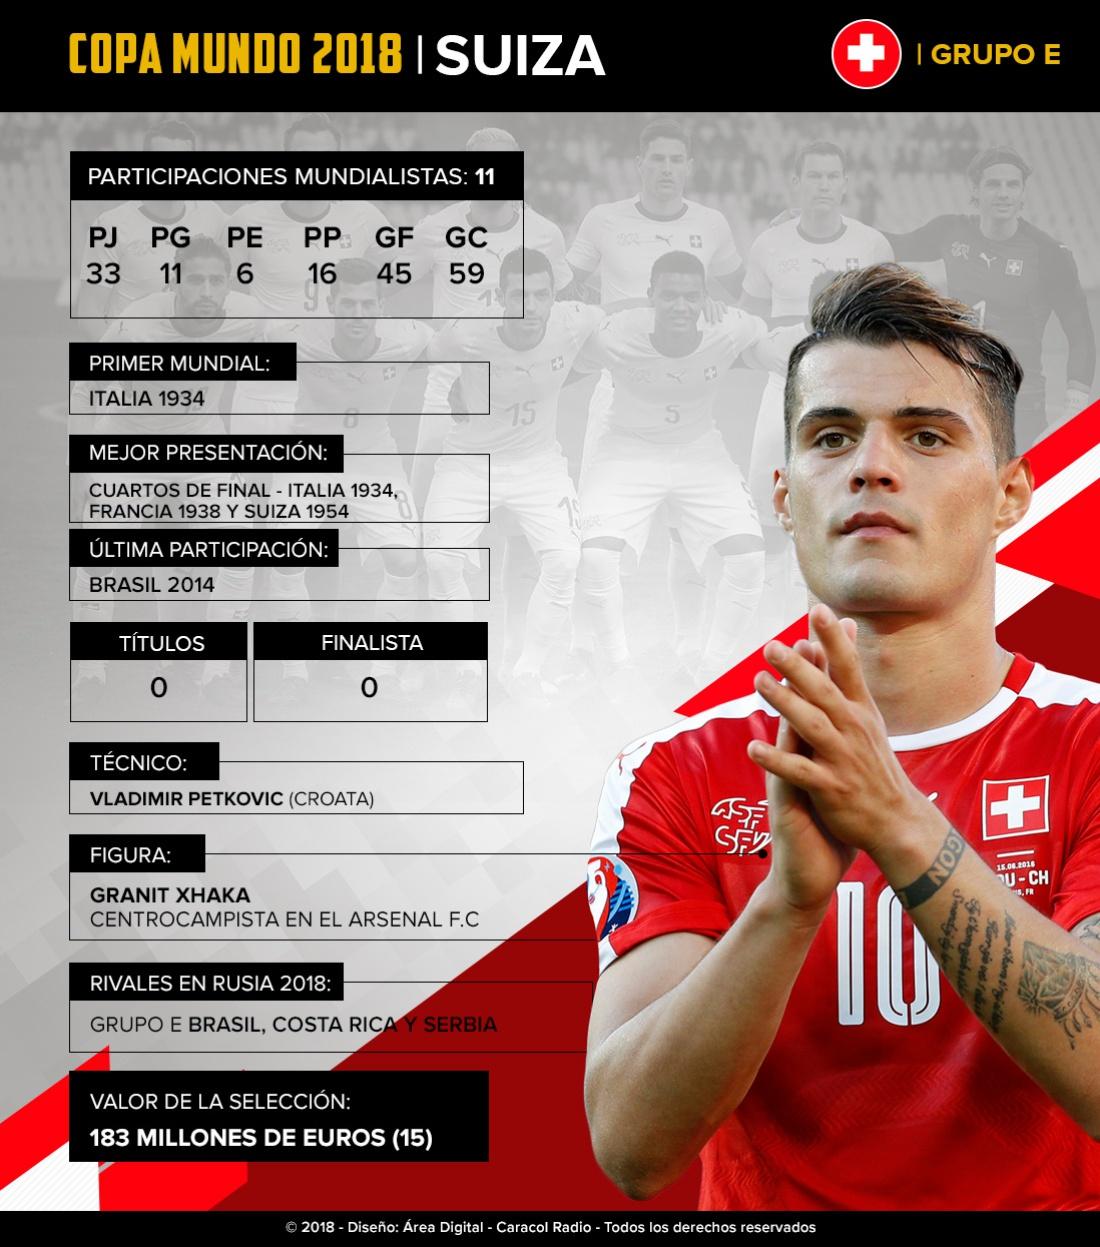 Mundial 2018: Suiza: El combinado europeo buscará llegar a semifinales por primera vez